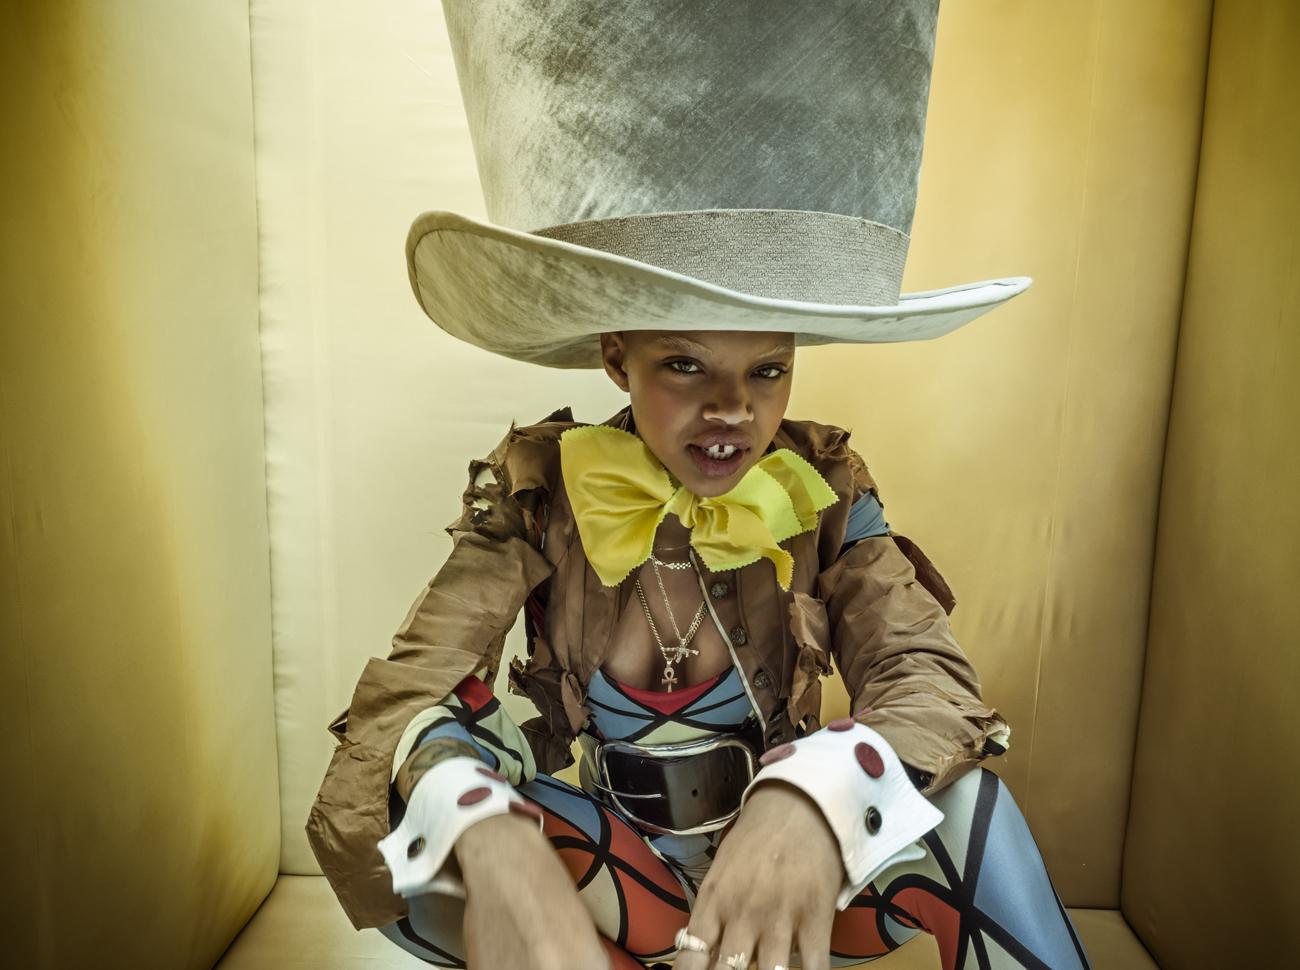 Модель Слик Вудс позирует фотографу Тиму Уолкеру, представ в роли Безумного Шляпника